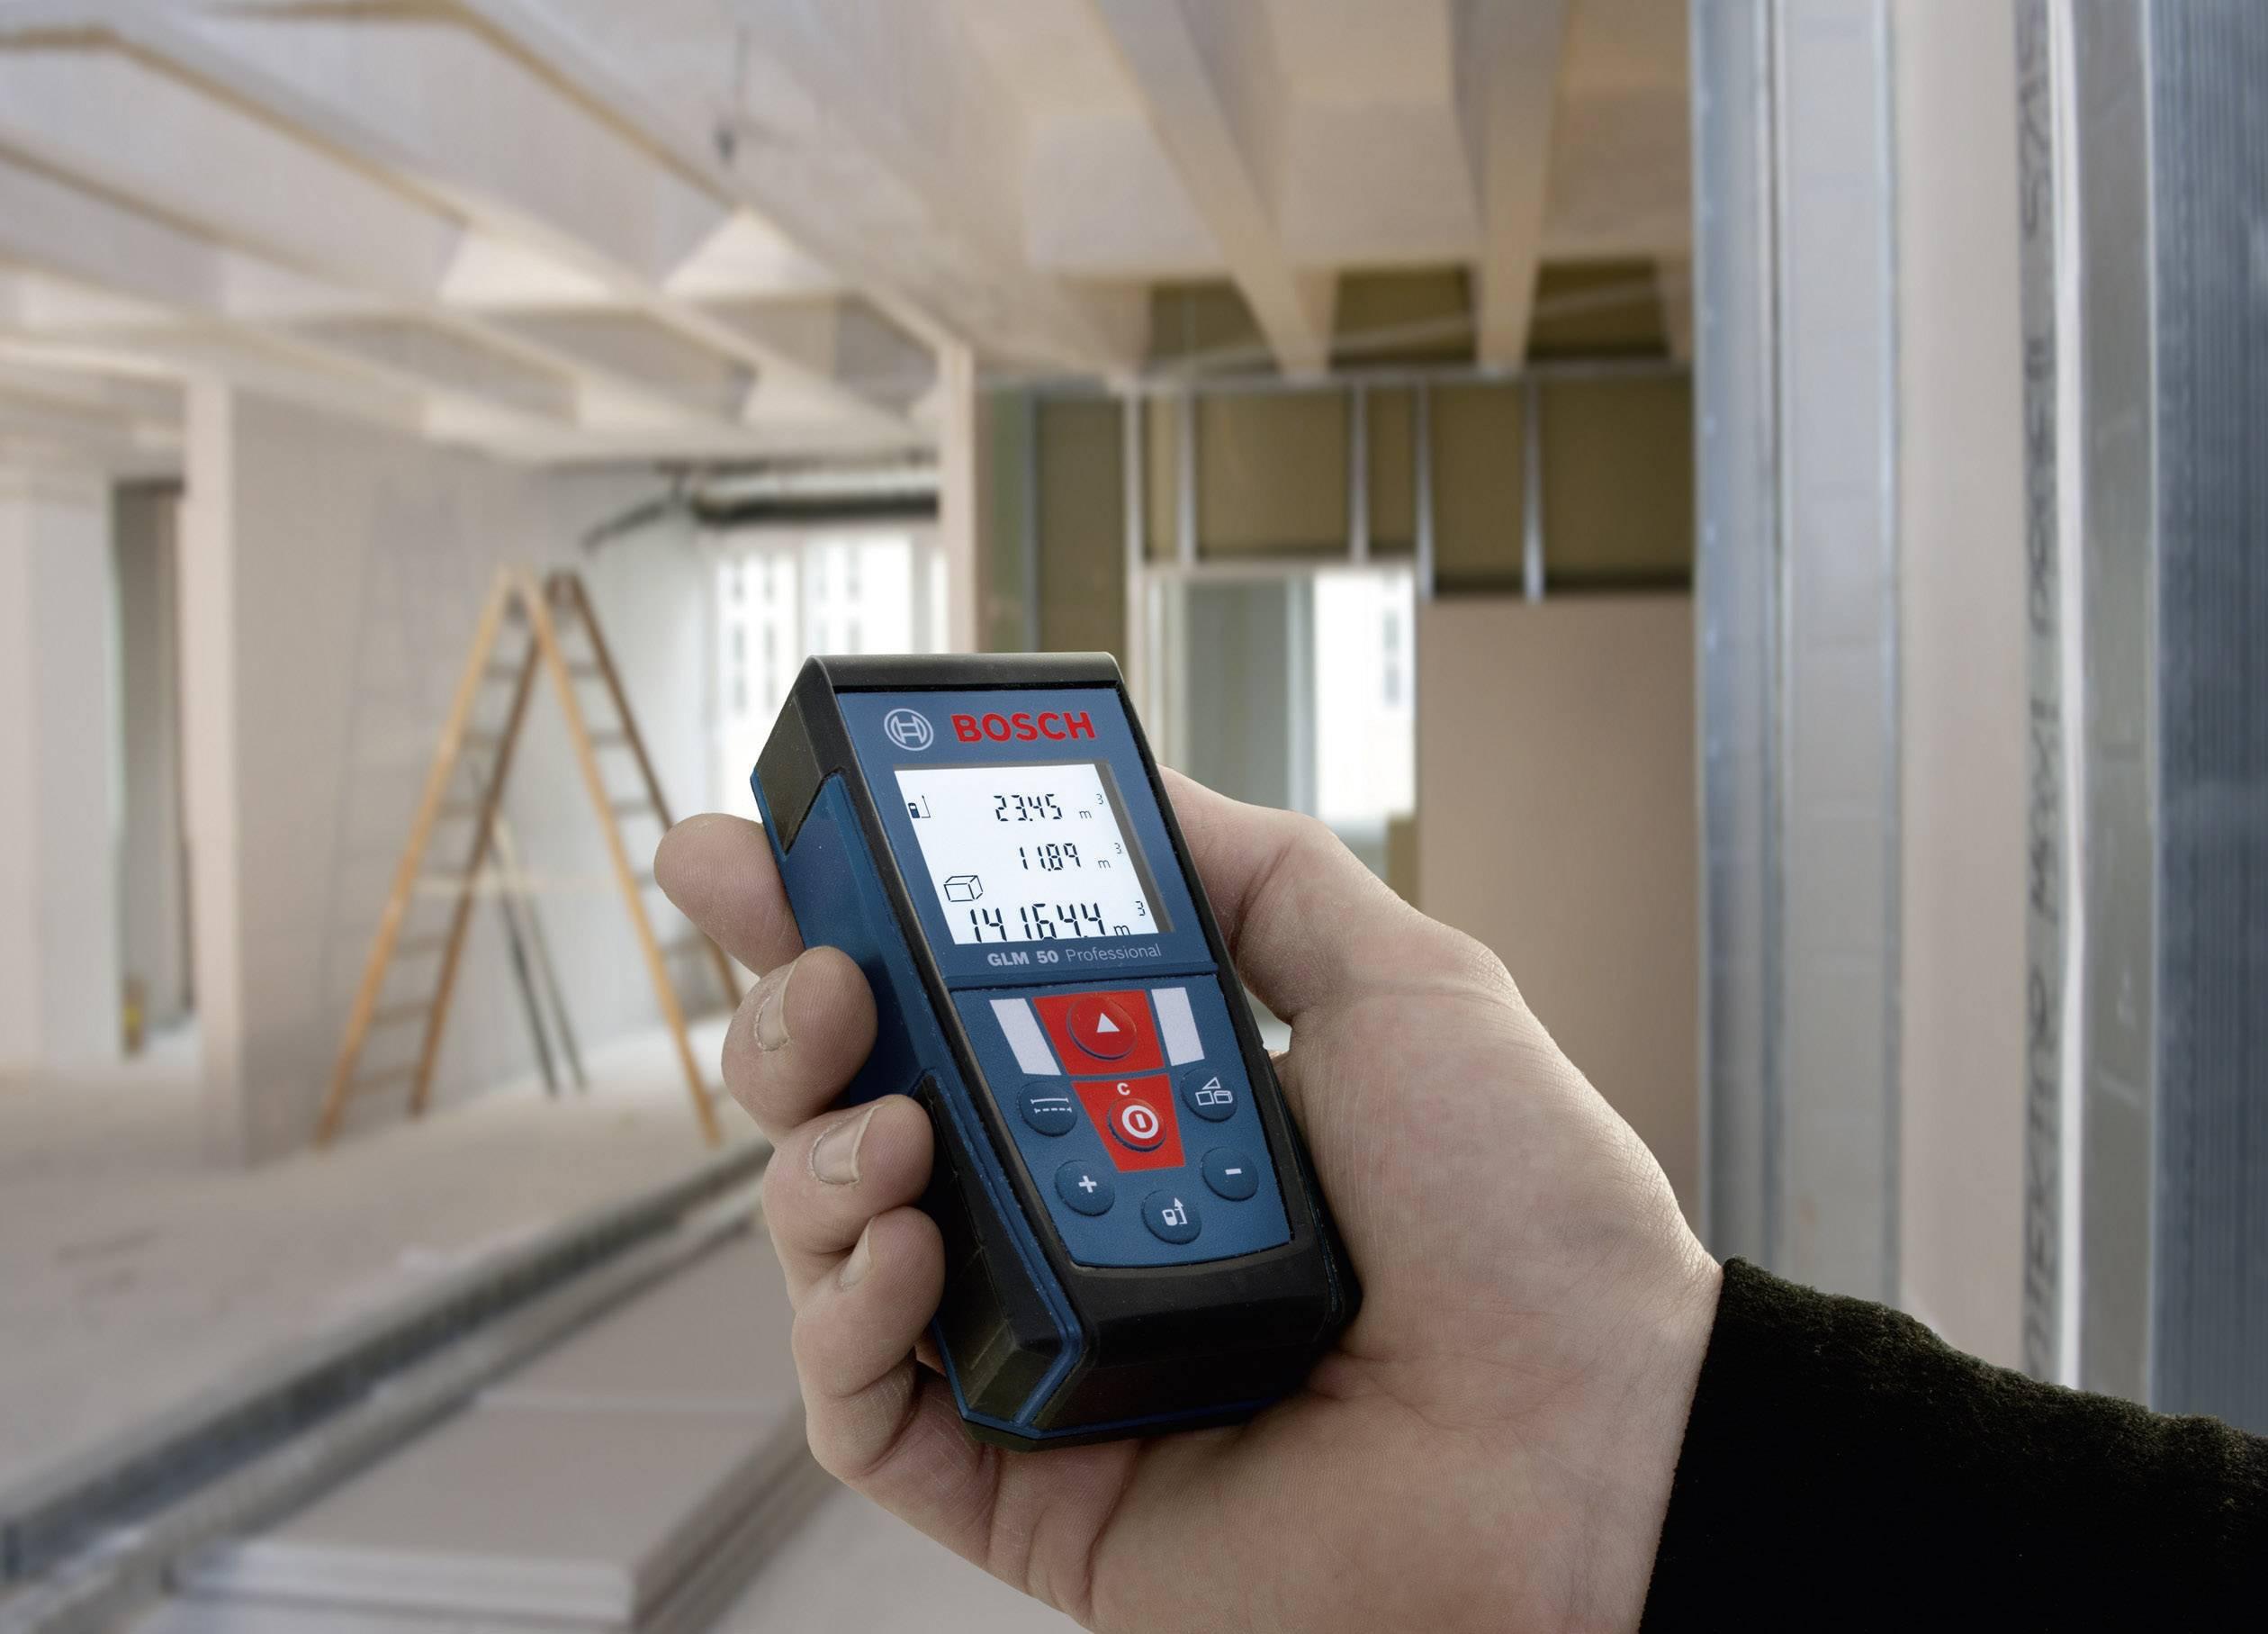 Laser Entfernungsmesser Glm 50 C Professional : Einfache und schnelle dokumentation von messwerten youtube